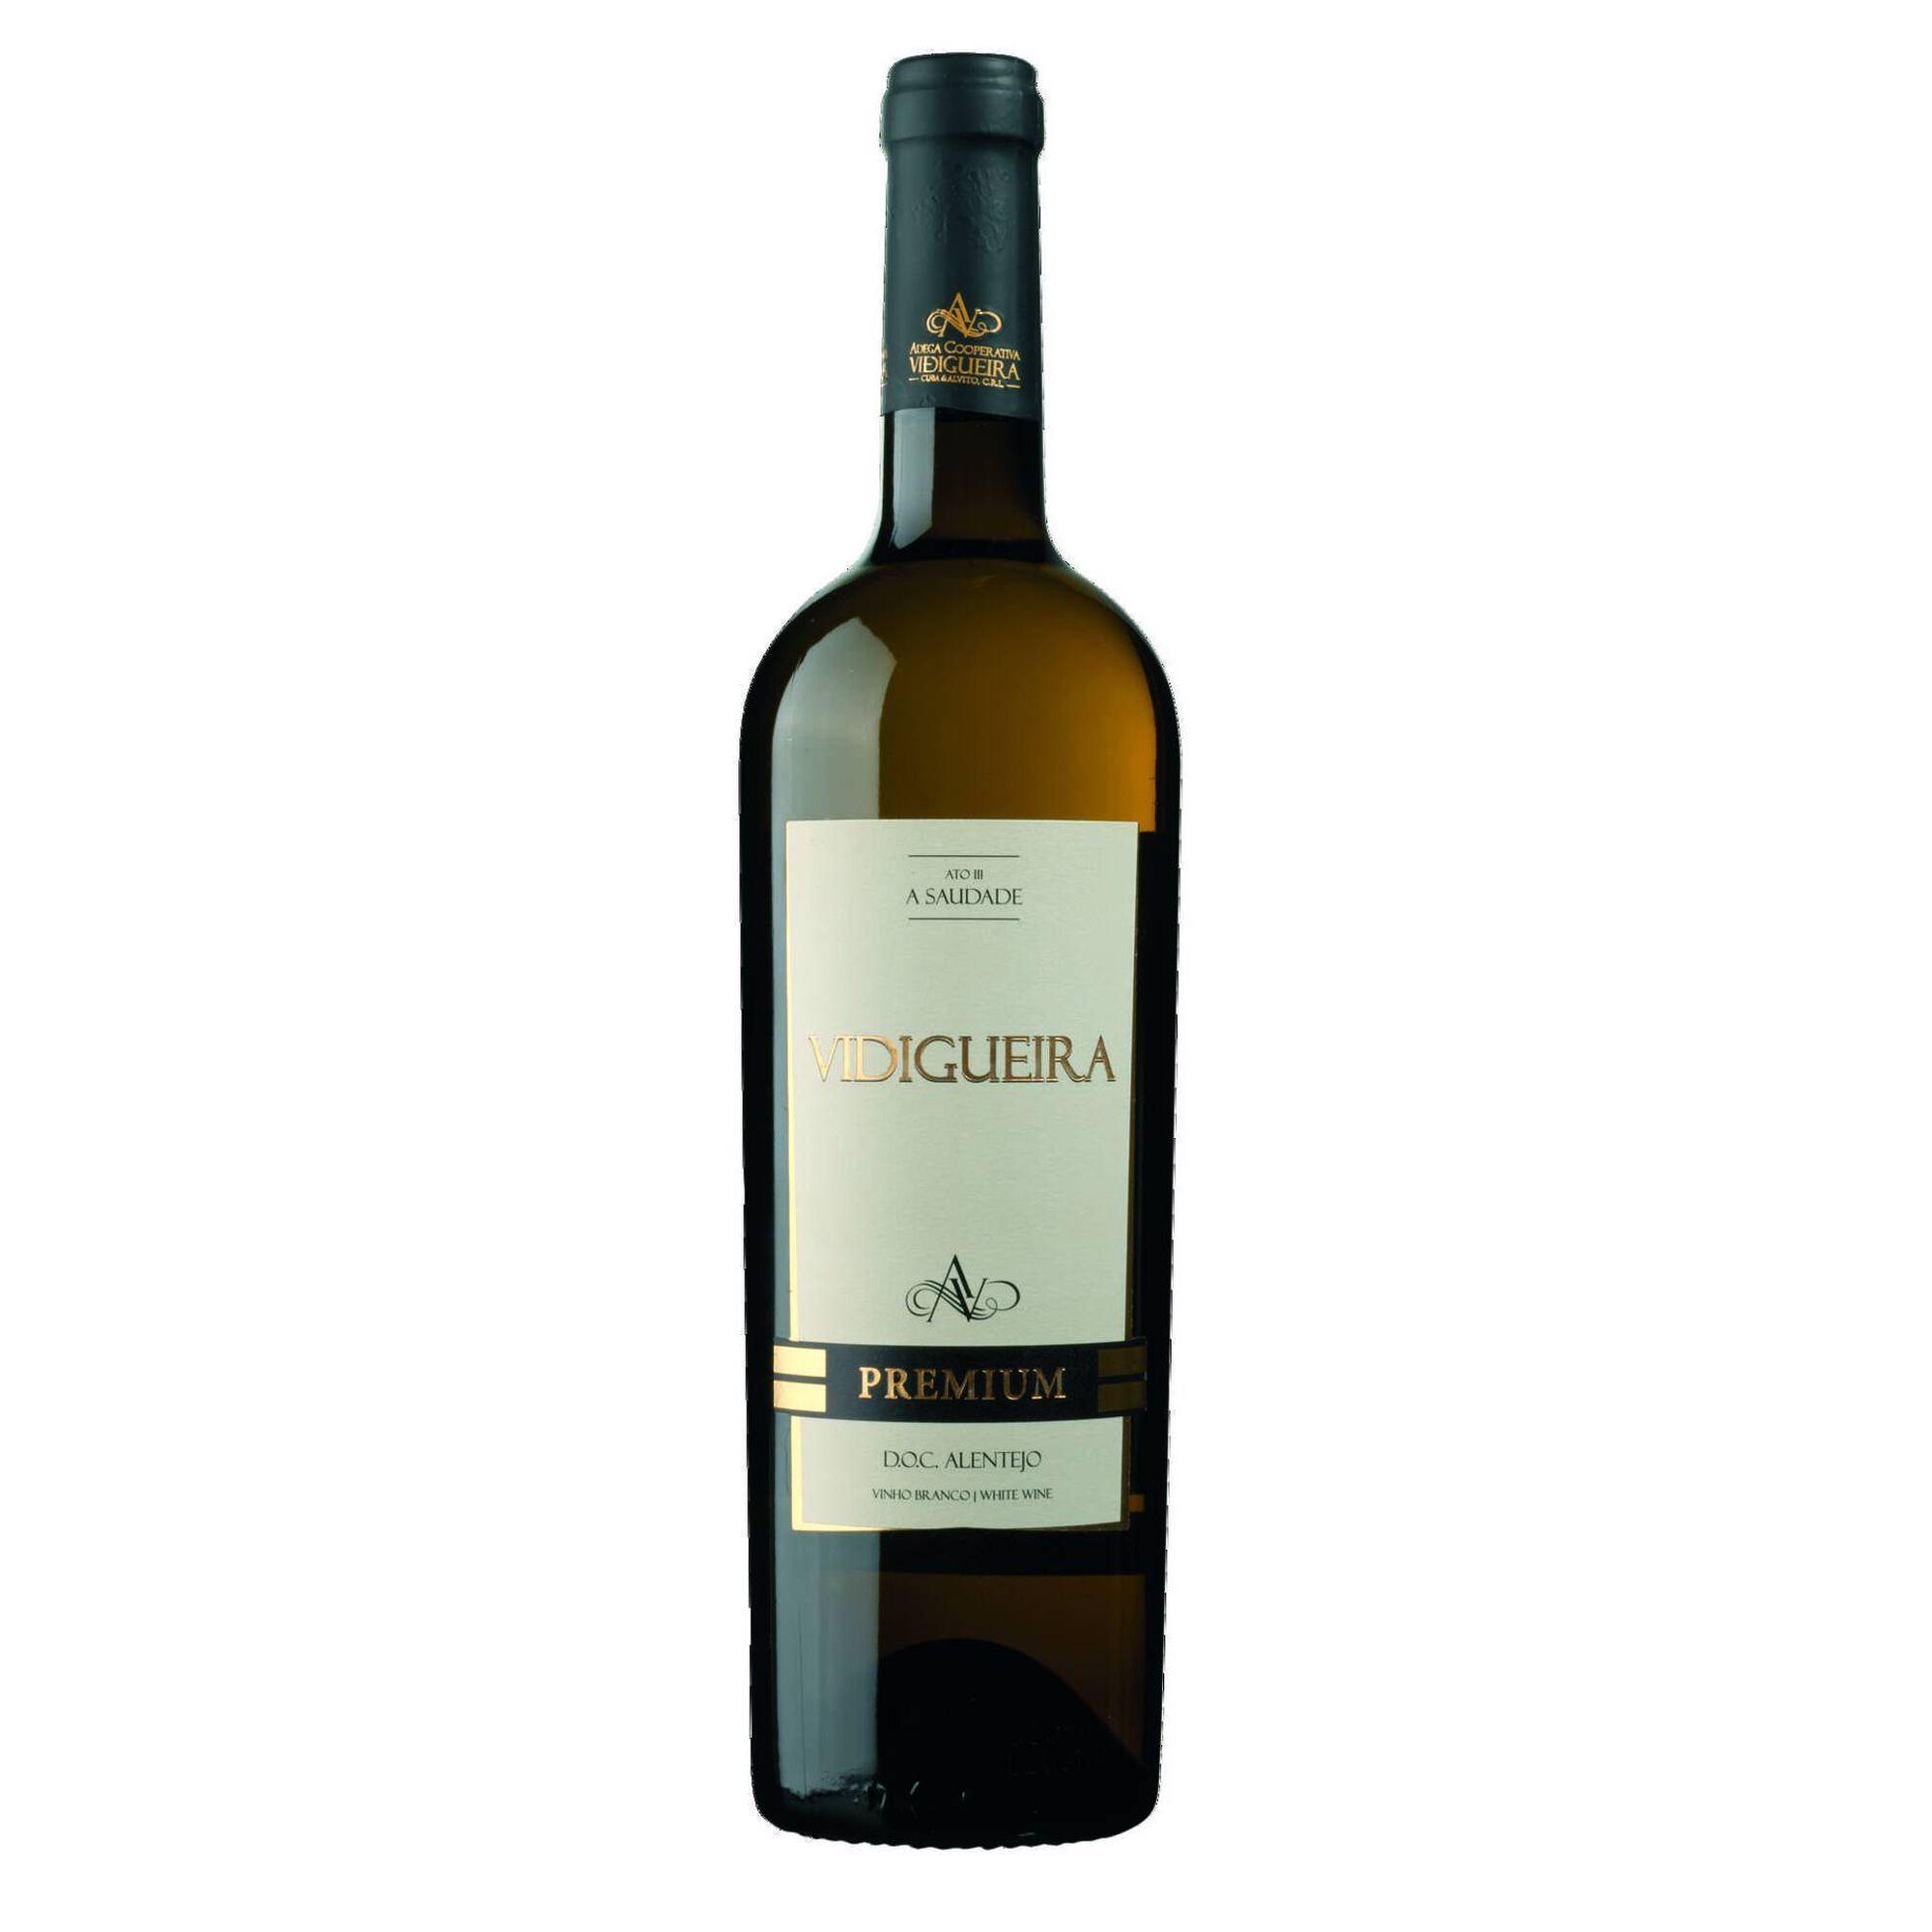 Vidigueira Premium DOC Alentejo Vinho Branco